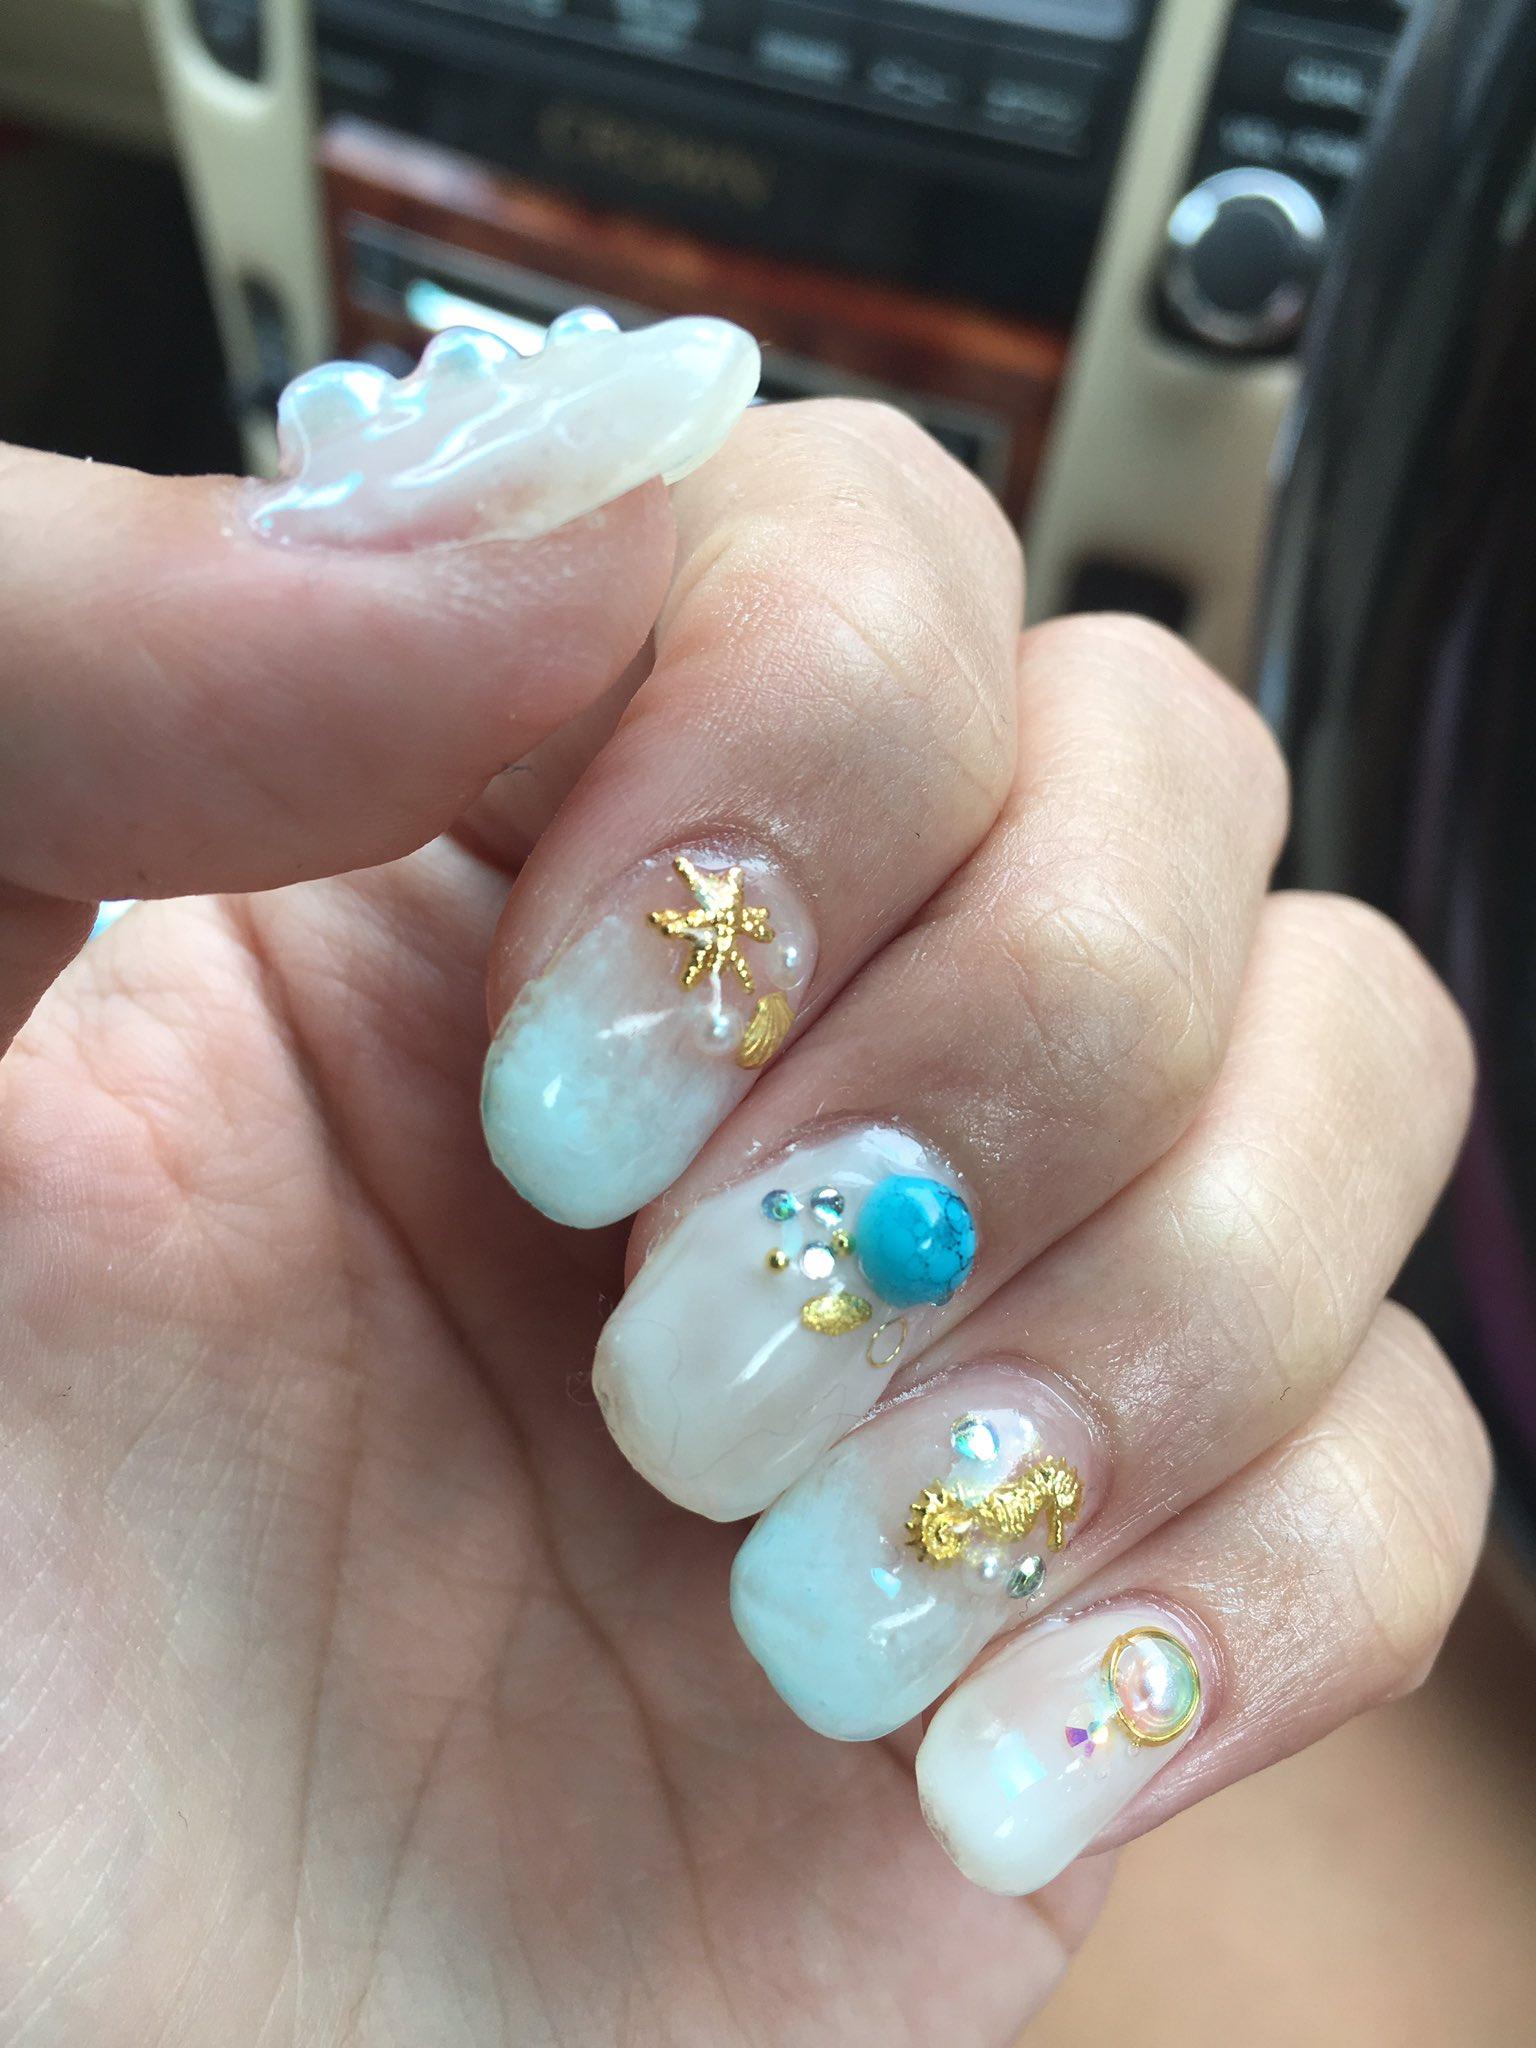 店選び失敗した 中指になんか毛入ってるし 綺麗にジェル塗られてんし 誰が触ってほしいまじでこの塗られてない感 6000円損した。爆笑